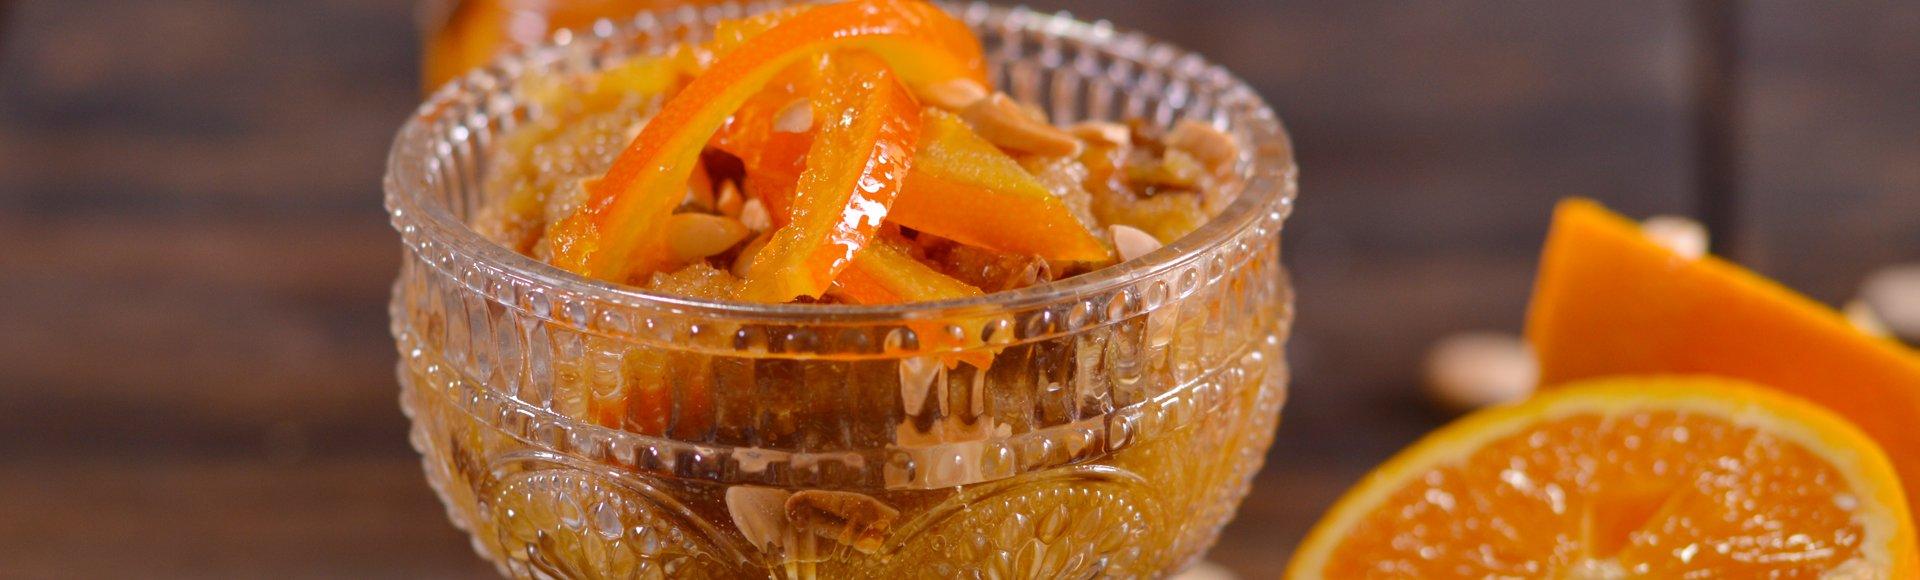 Χαλβάς με πορτοκάλι, σταφίδες & αμύγδαλα